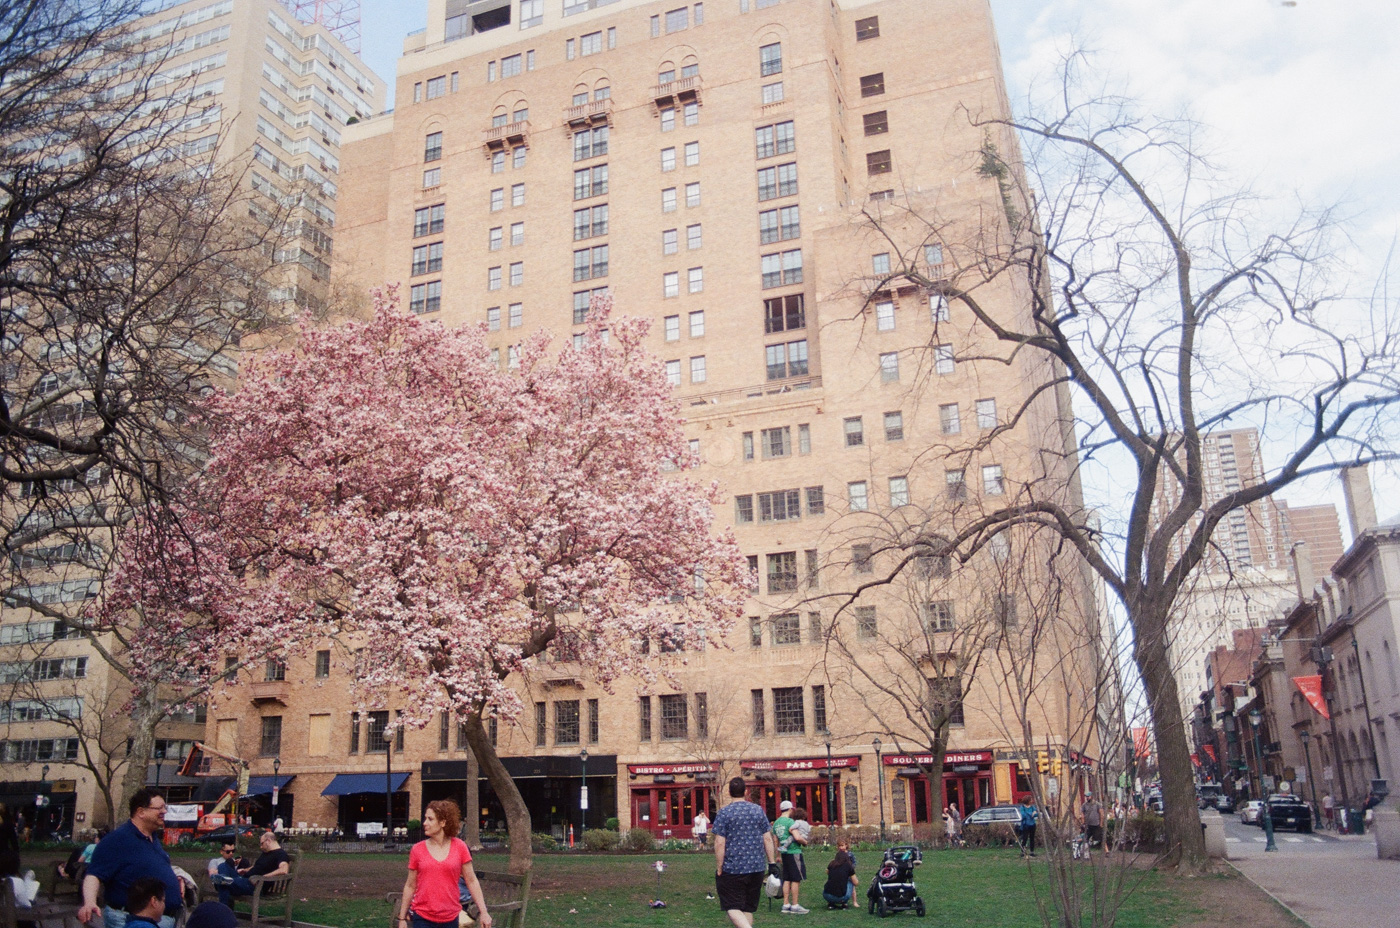 Rittenhouse Square